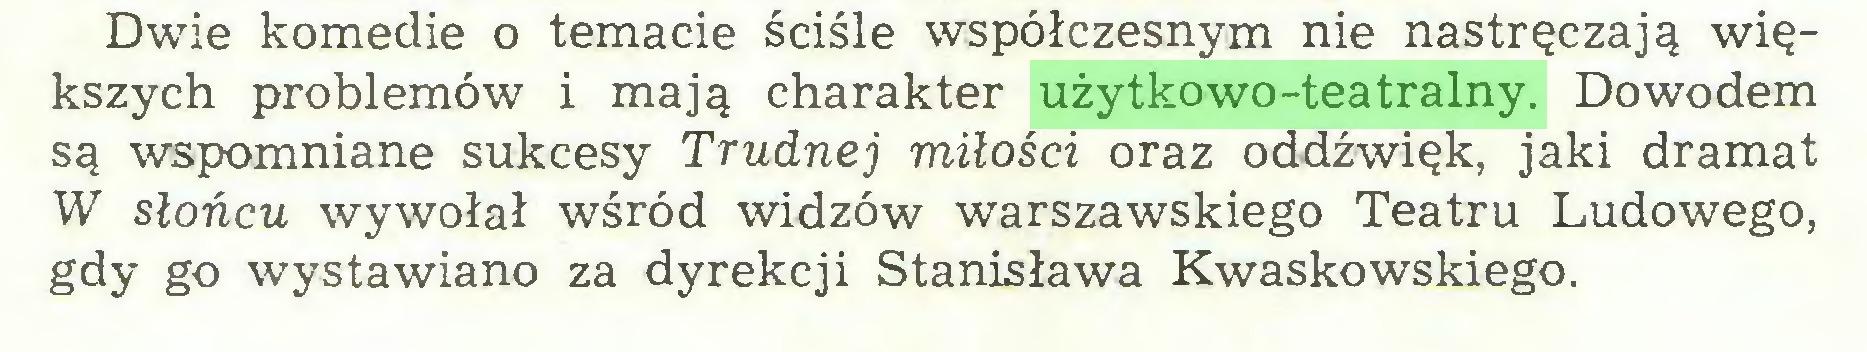 (...) Dwie komedie o temacie ściśle współczesnym nie nastręczają większych problemów i mają charakter użytkowo-teatralny. Dowodem są wspomniane sukcesy Trudnej miłości oraz oddźwięk, jaki dramat W słońcu wywołał wśród widzów warszawskiego Teatru Ludowego, gdy go wystawiano za dyrekcji Stanisława Kwaskowskiego...